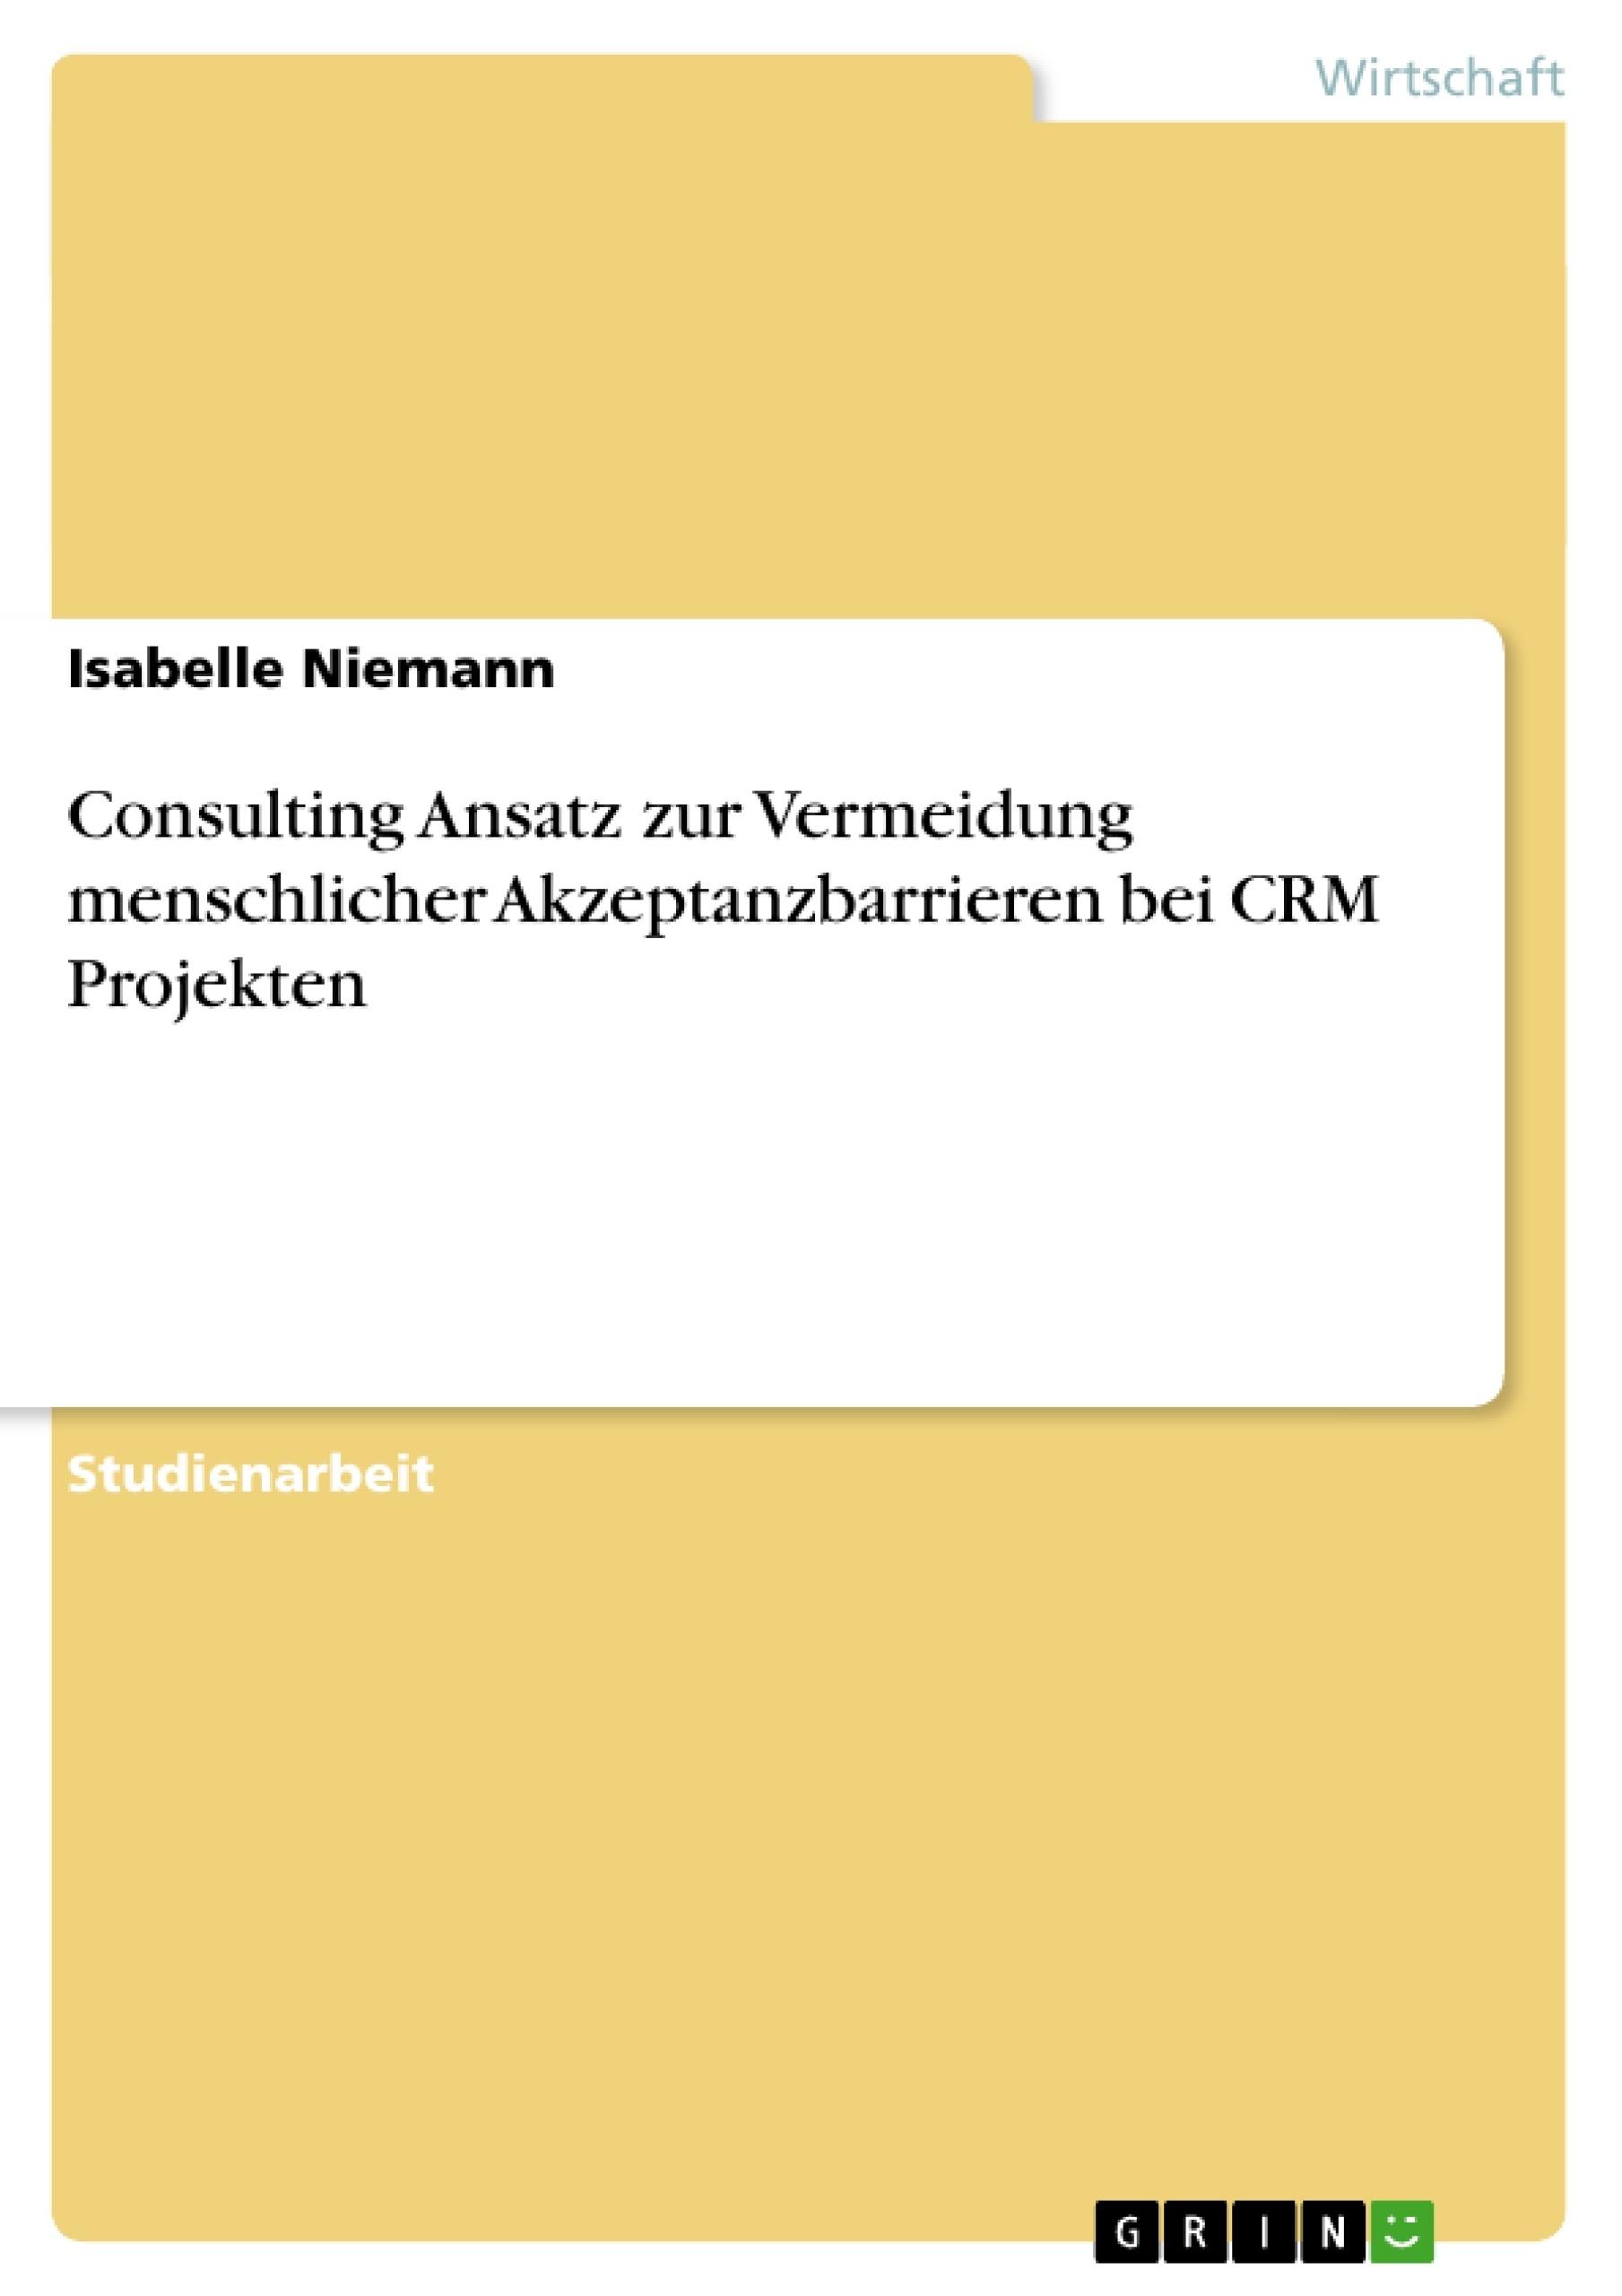 Titel: Consulting Ansatz zur Vermeidung menschlicher Akzeptanzbarrieren bei CRM Projekten